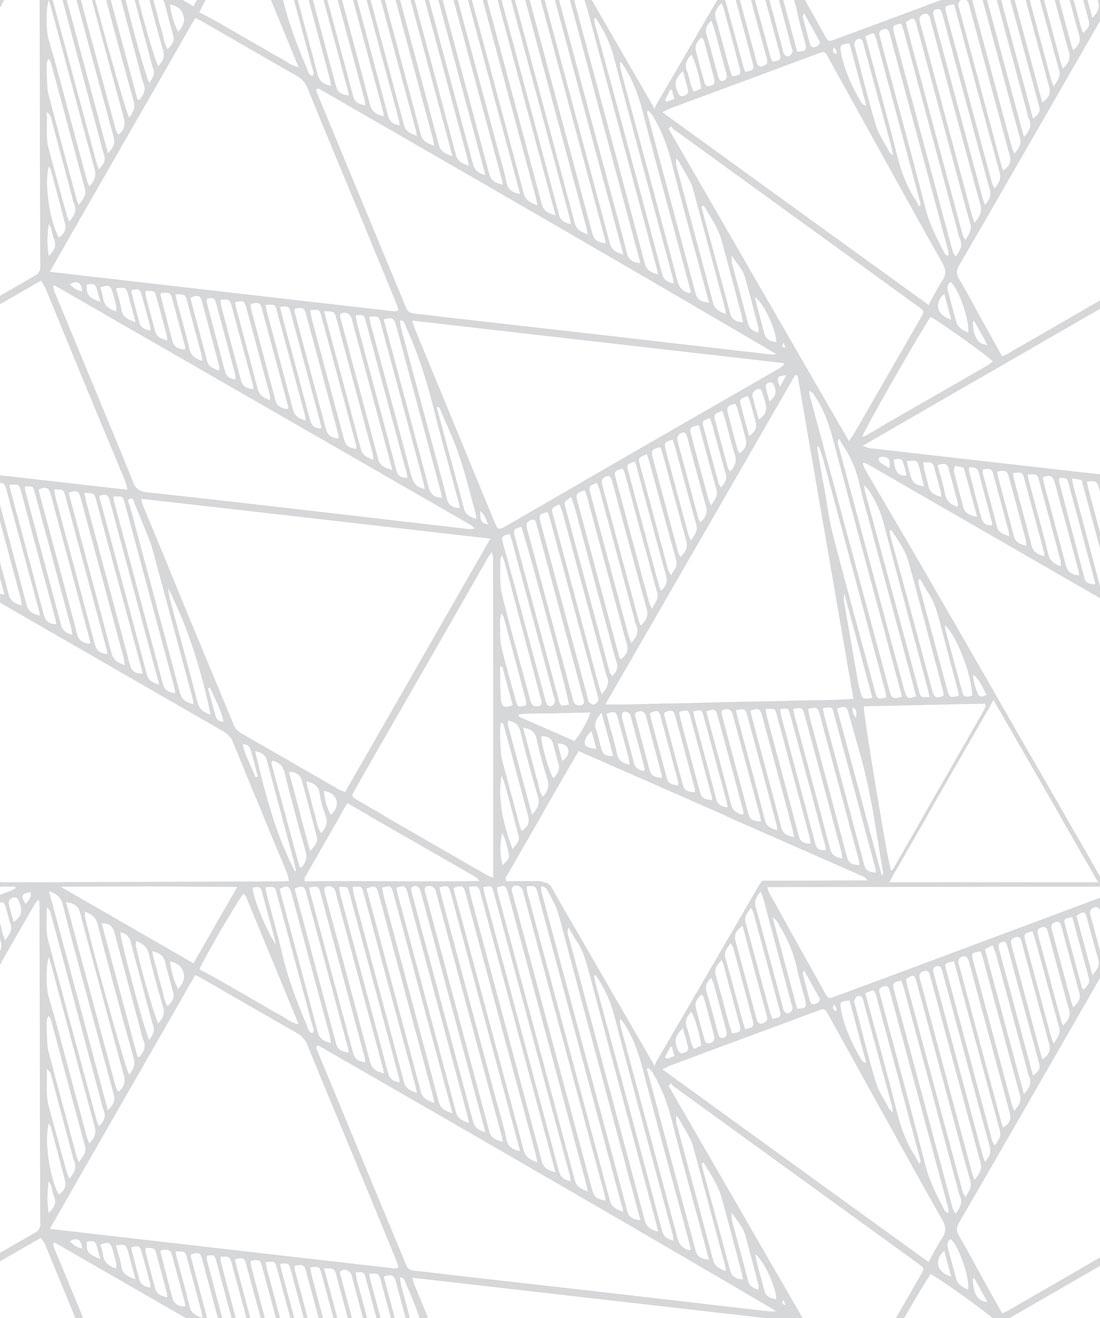 Fracture Wallpaper